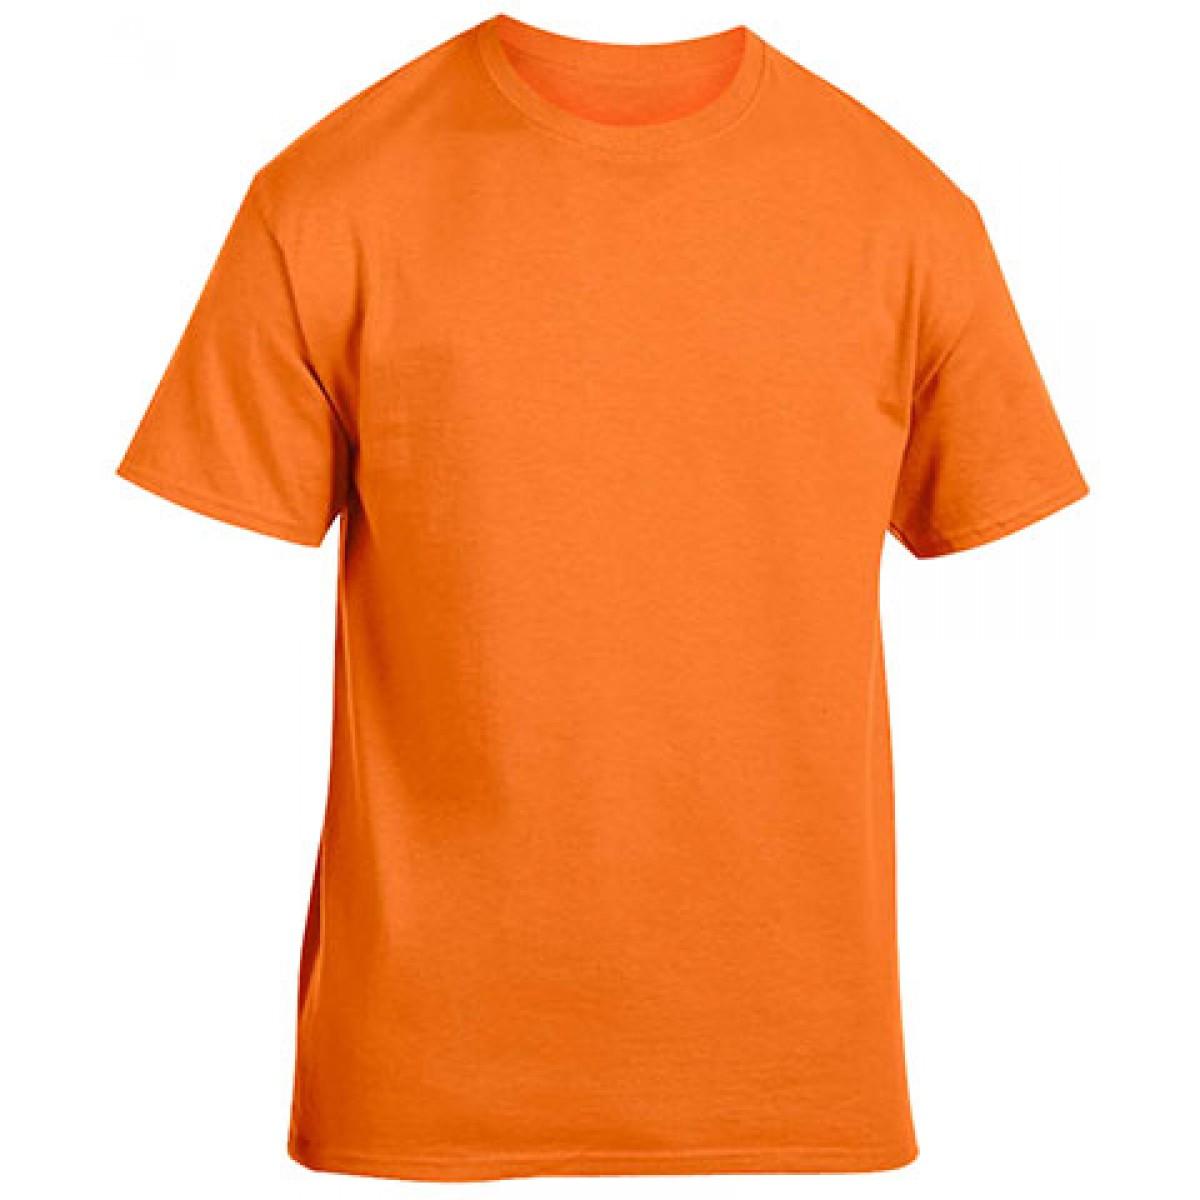 Heavy Cotton Activewear T-Shirt-Safety Orange-XL